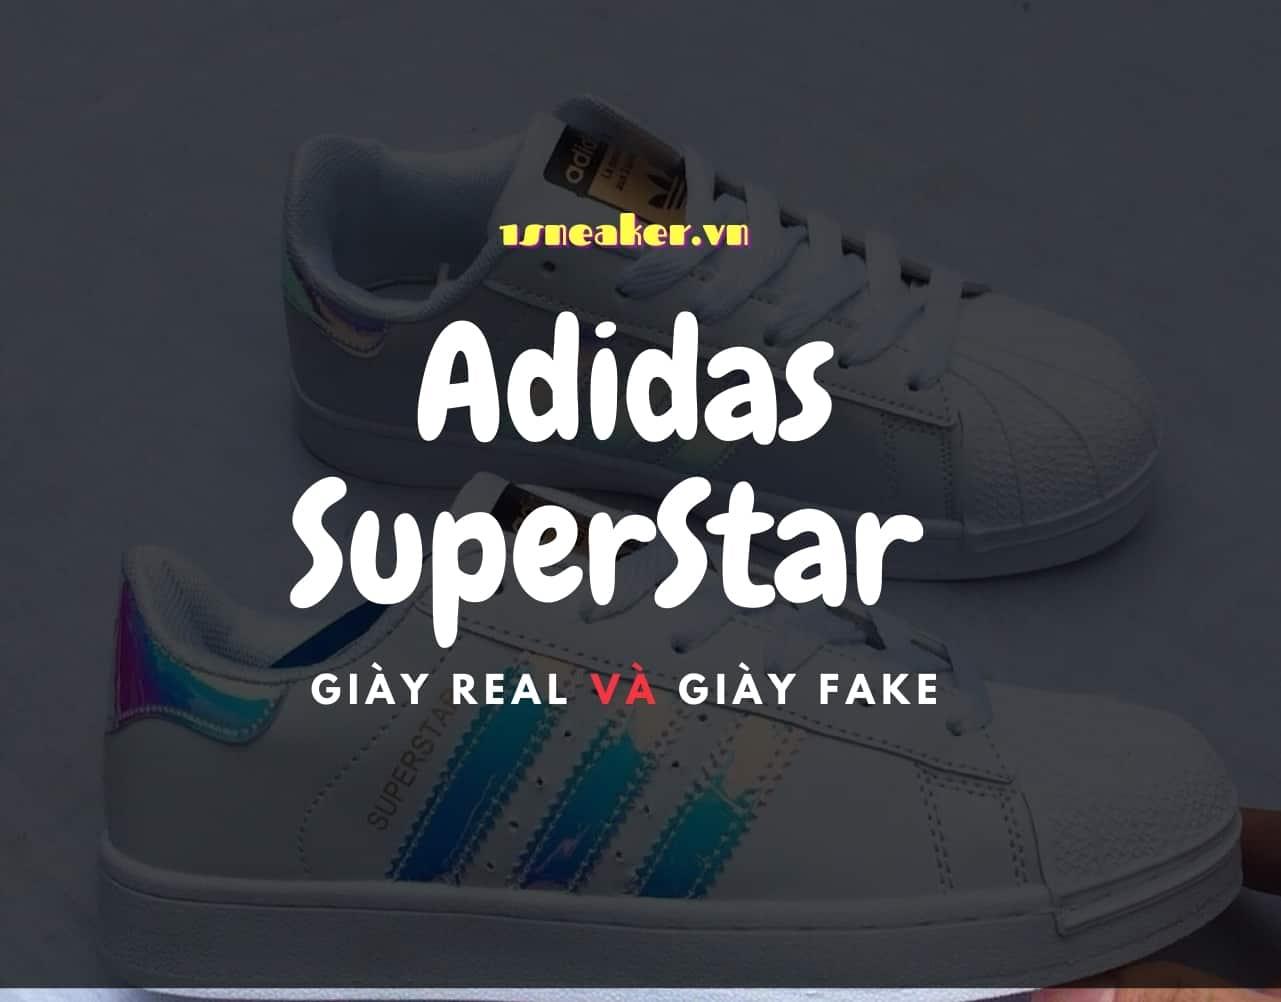 Huong dan phan biet Adidas SuperStar giay real va giay fake